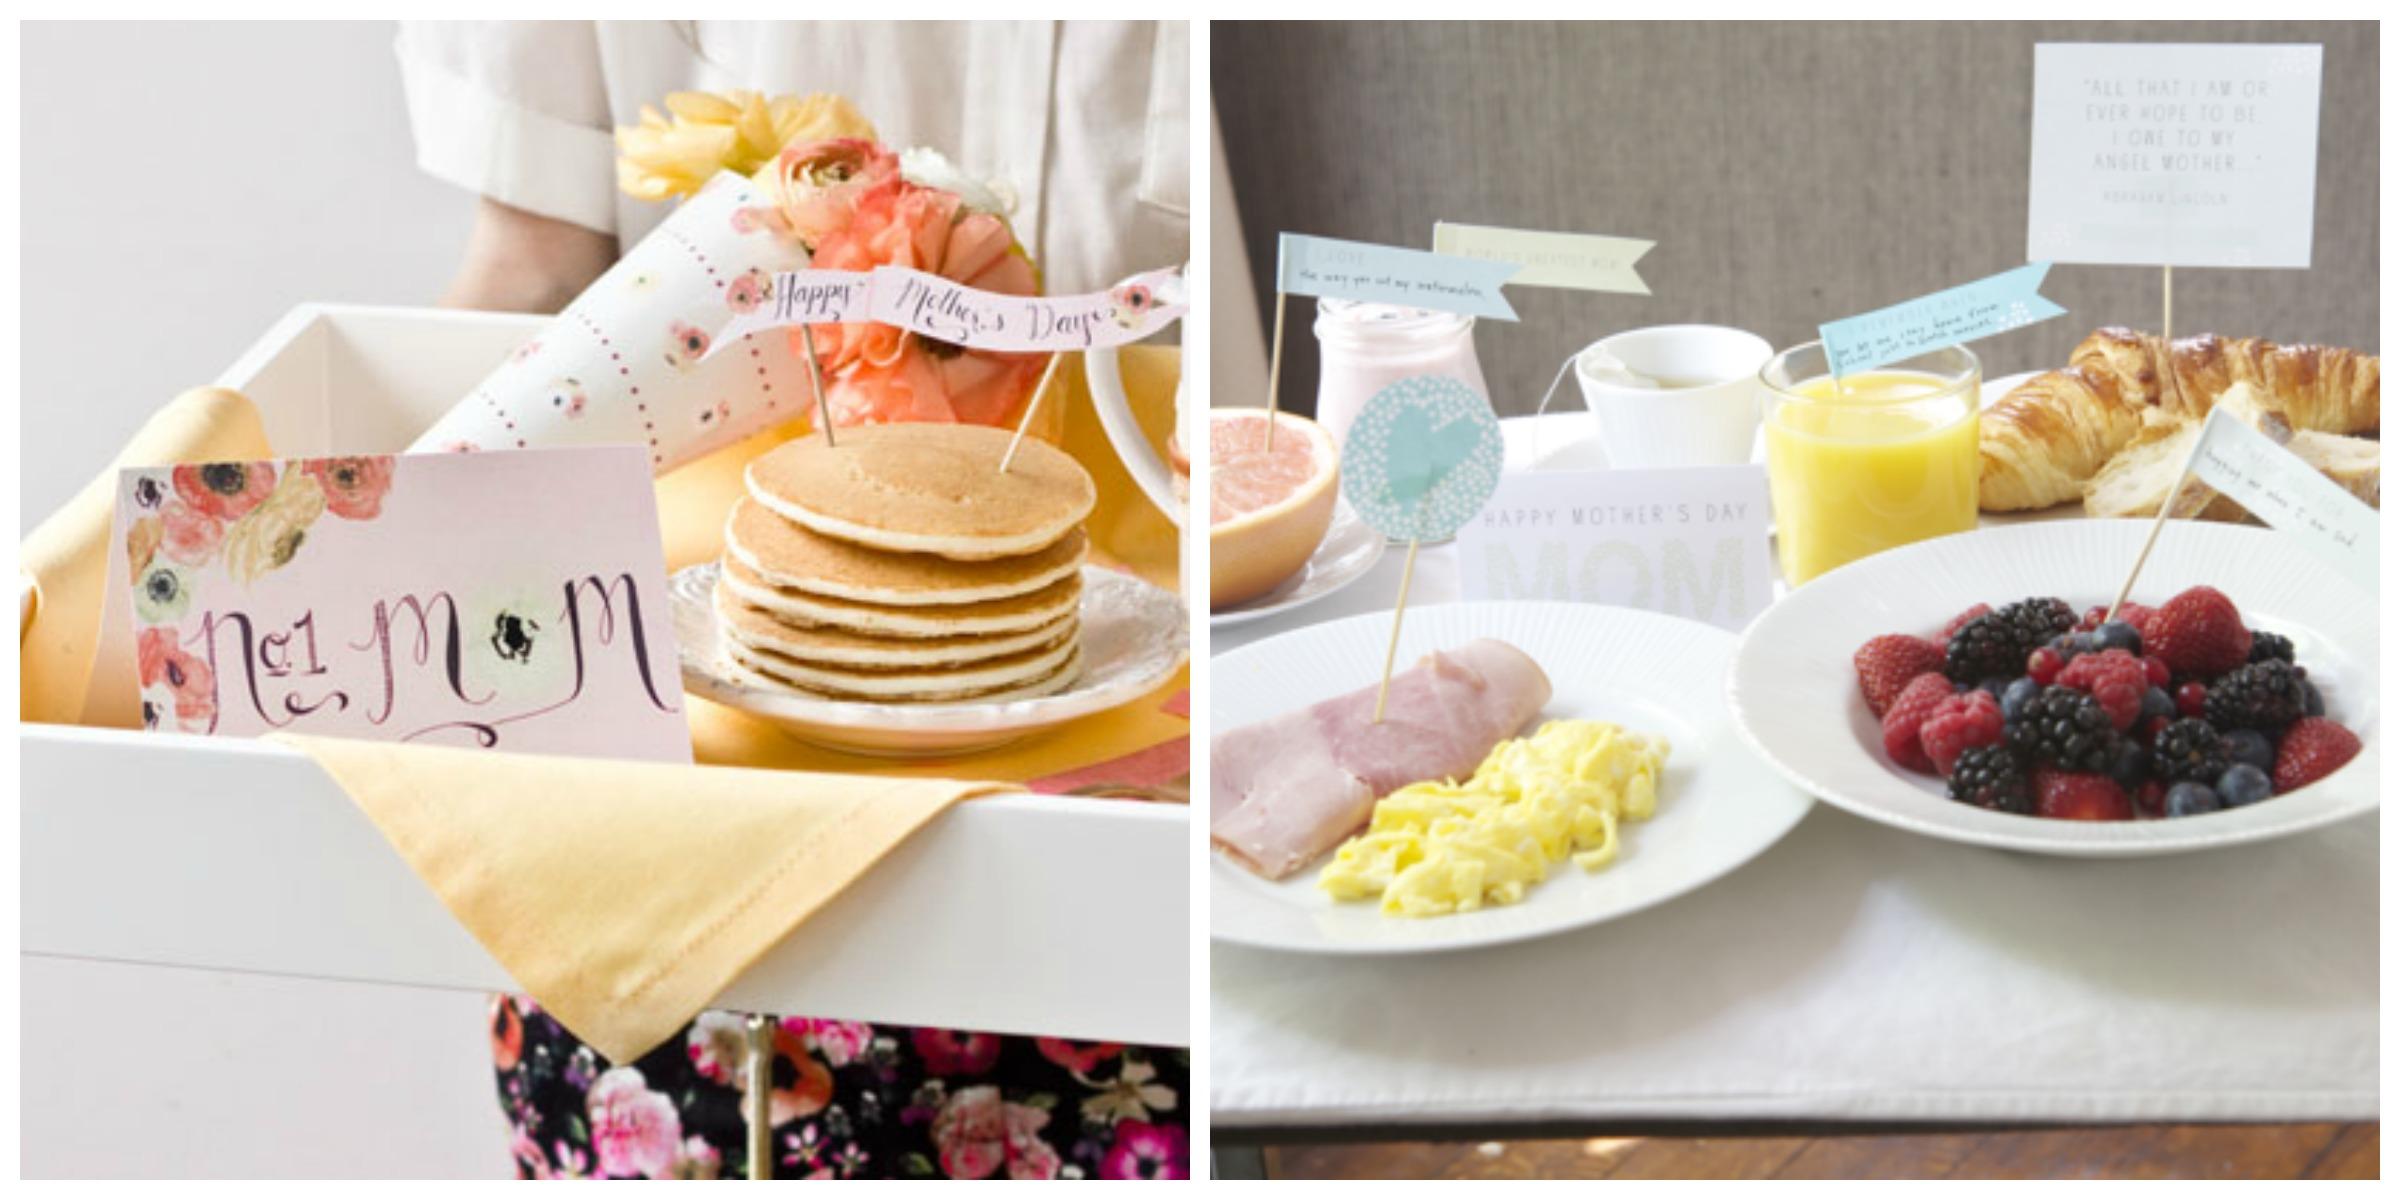 InvitaciÓn A Desayuno DÍa De Las Madres: Ideas Para El Día De La Madre